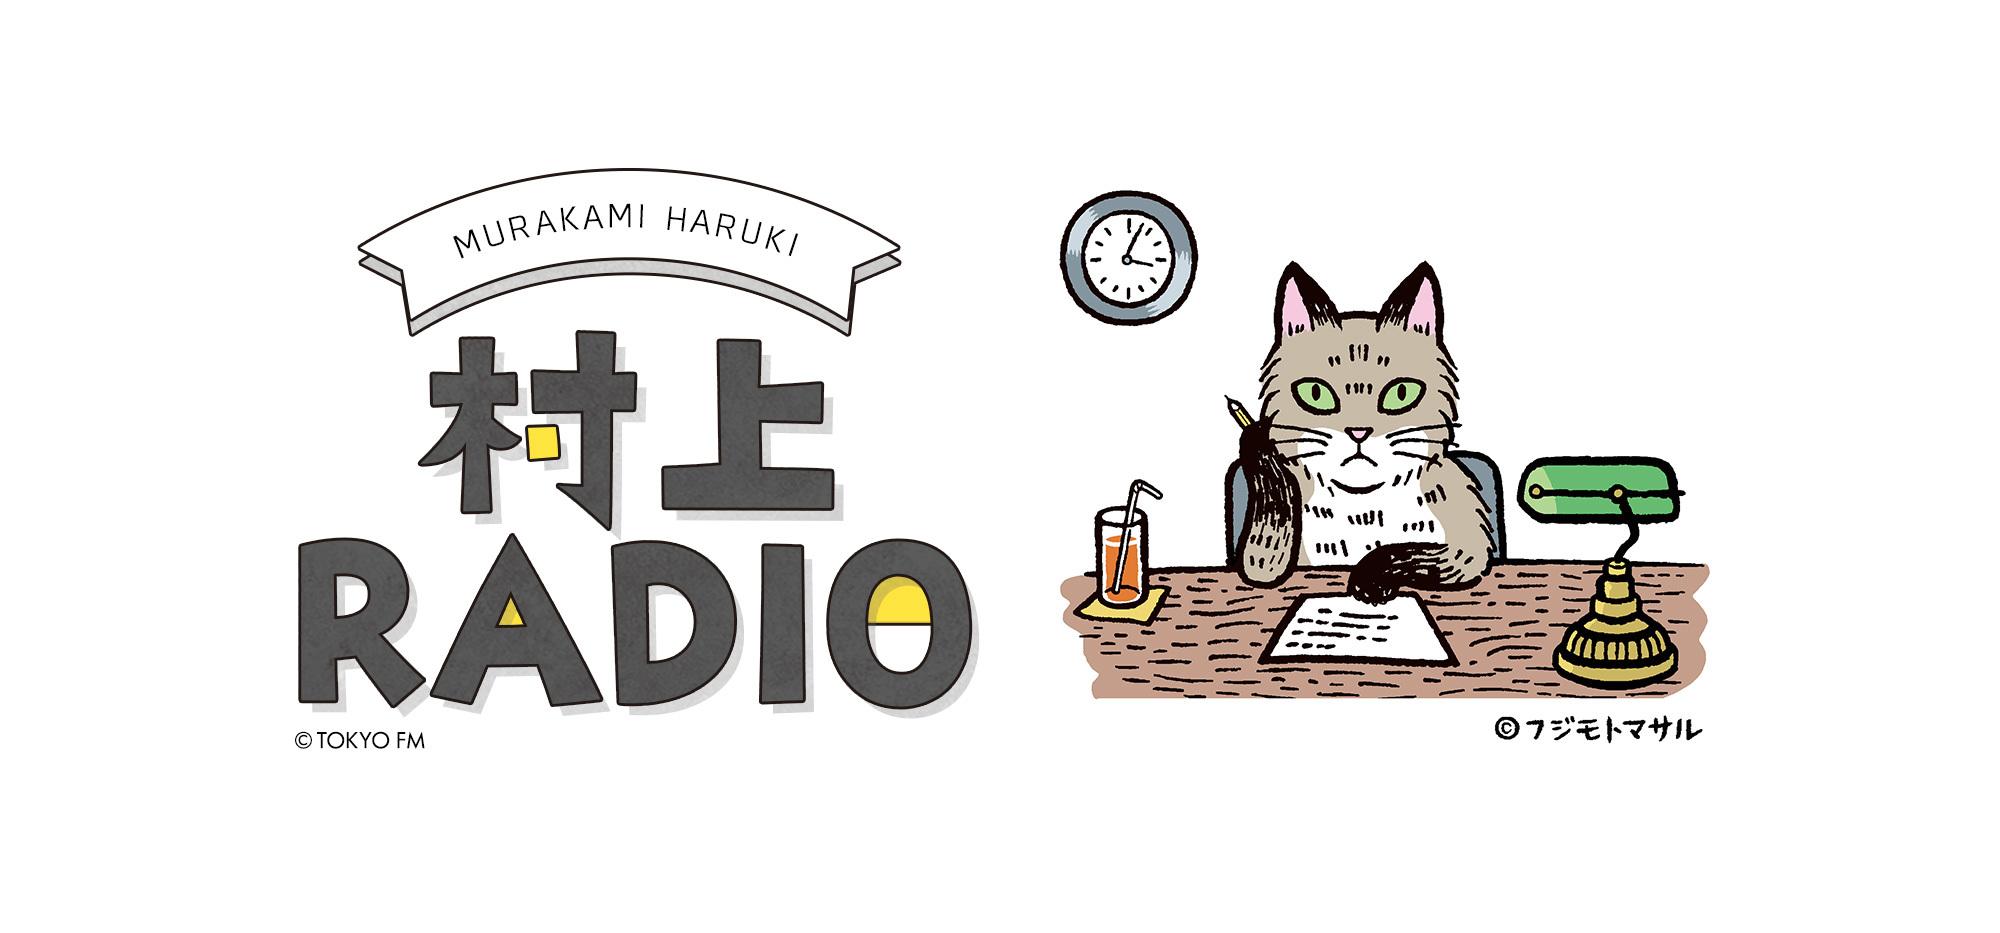 村上春樹の『村上RADIO(レディオ)』